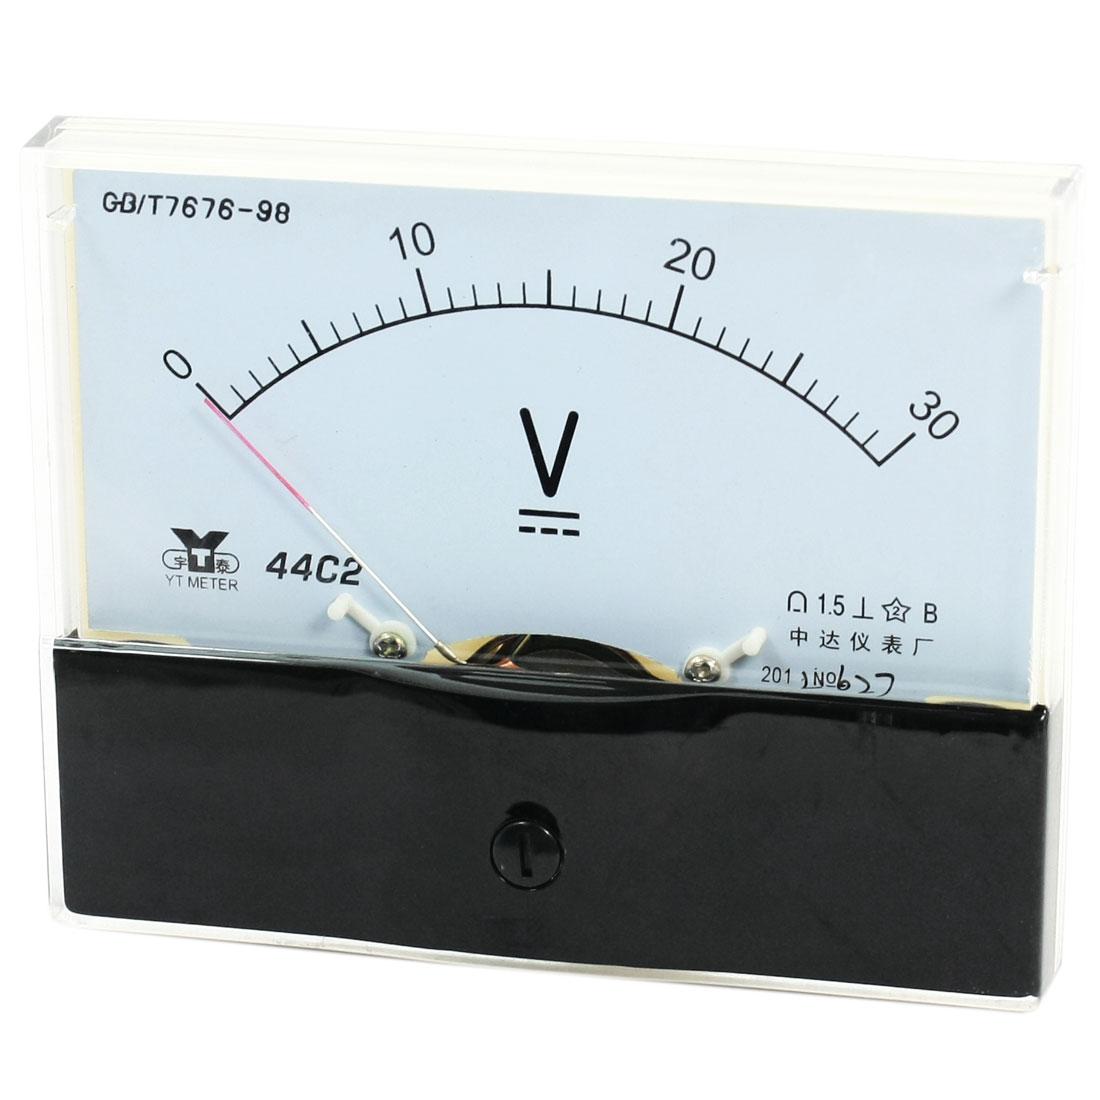 Rectangle Measurement Tool Analog Panel Voltmeter Volt Meter DC 0 - 30V Measuring Range 44C2